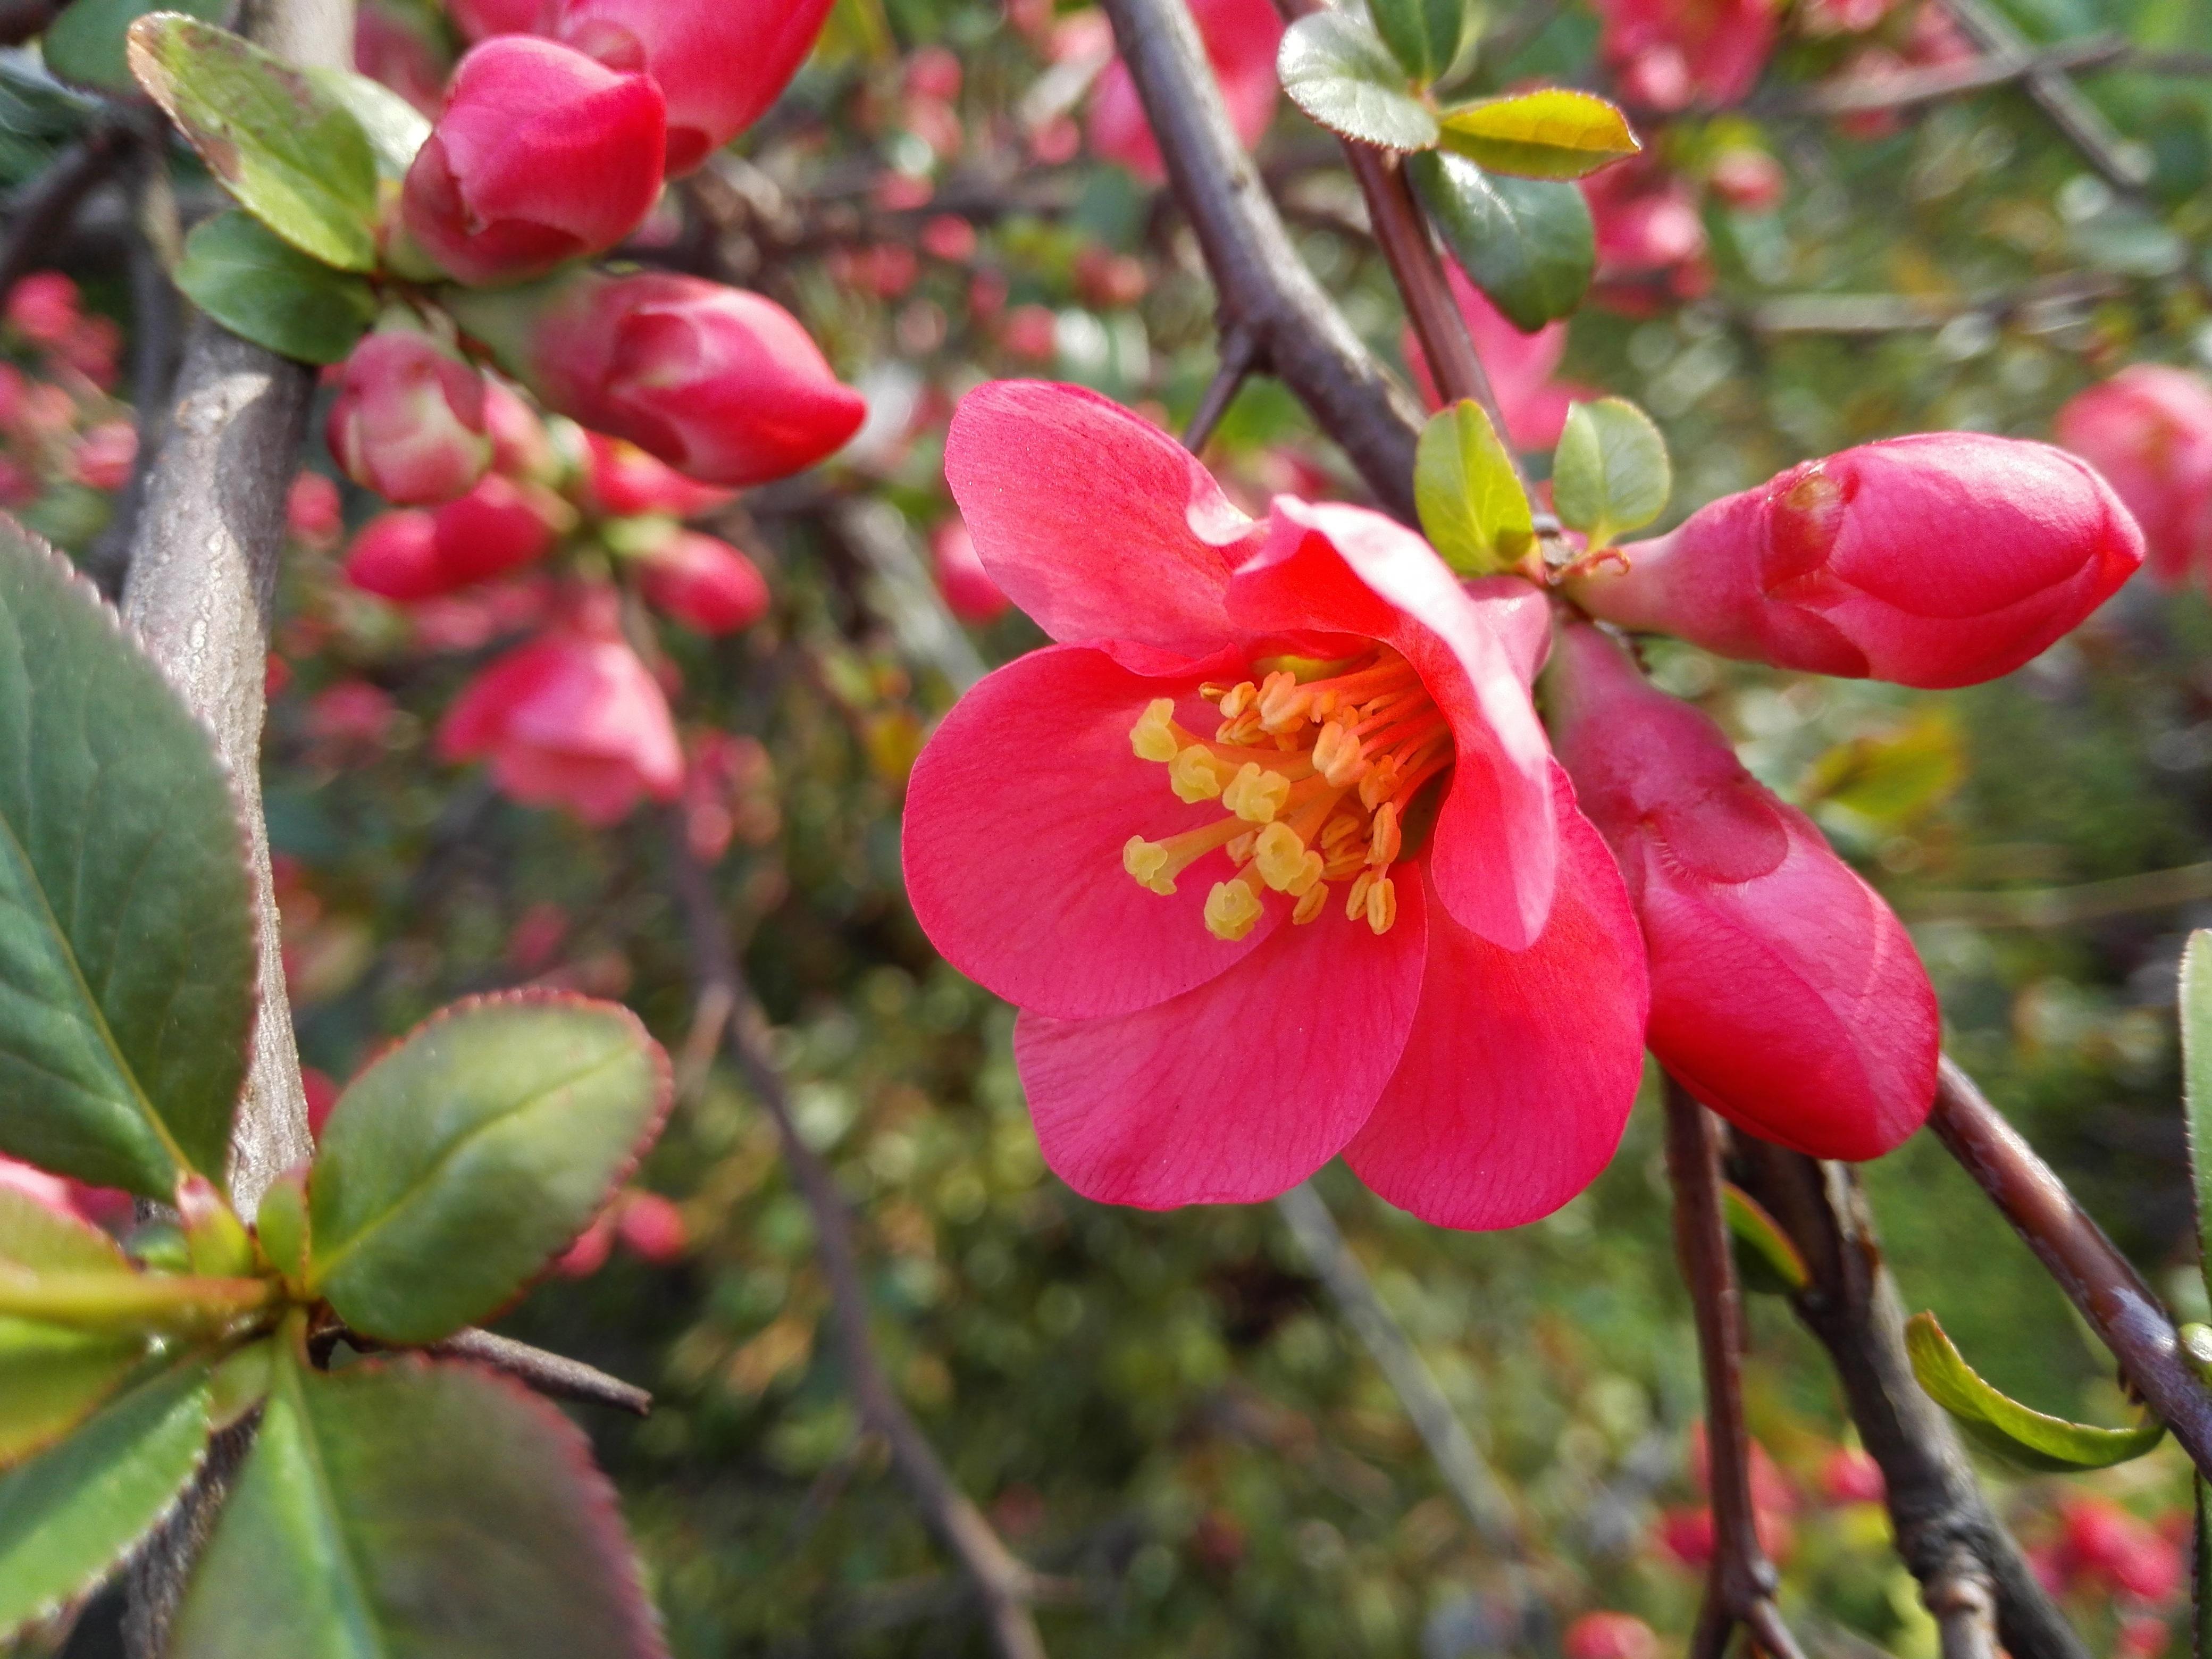 Images Gratuites Petale Produire Botanique Flore Fleur Rouge